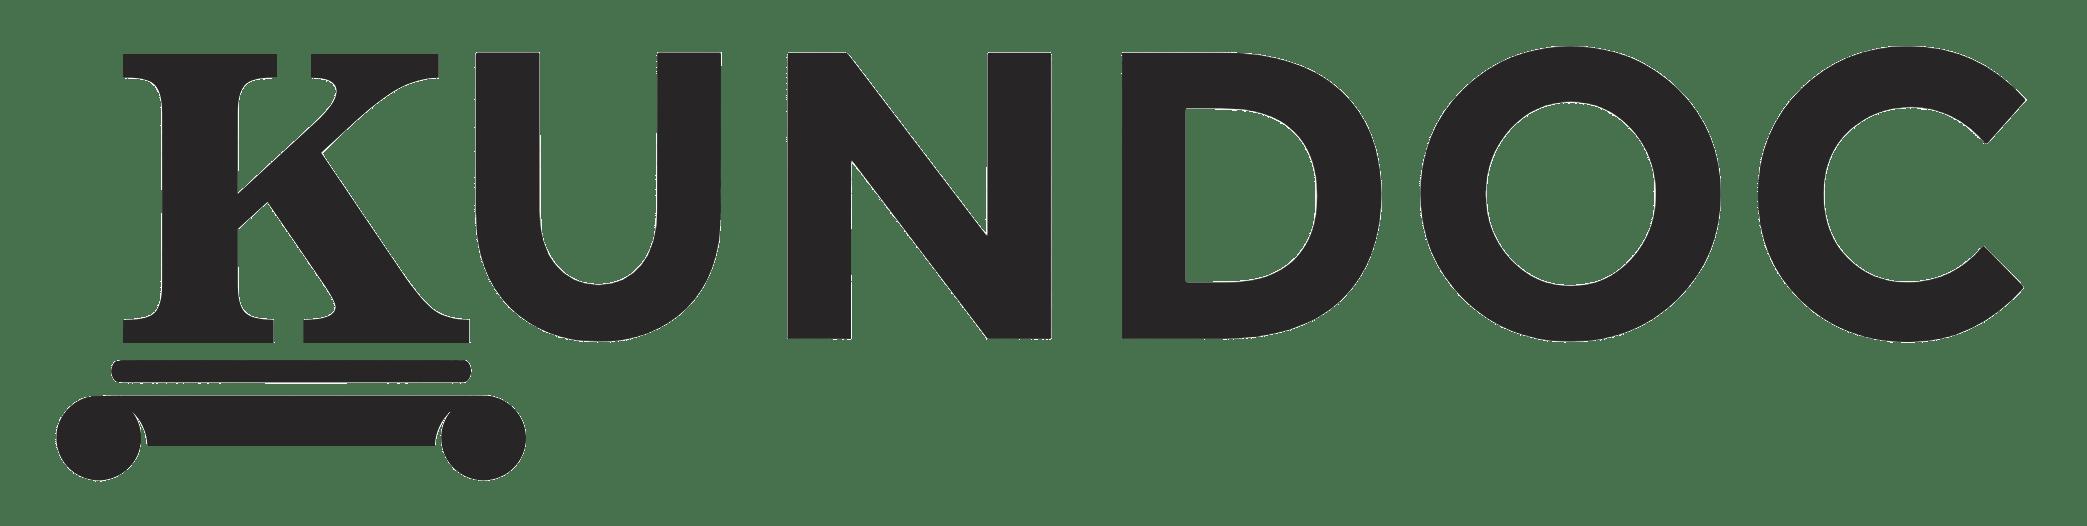 Kundoc.com